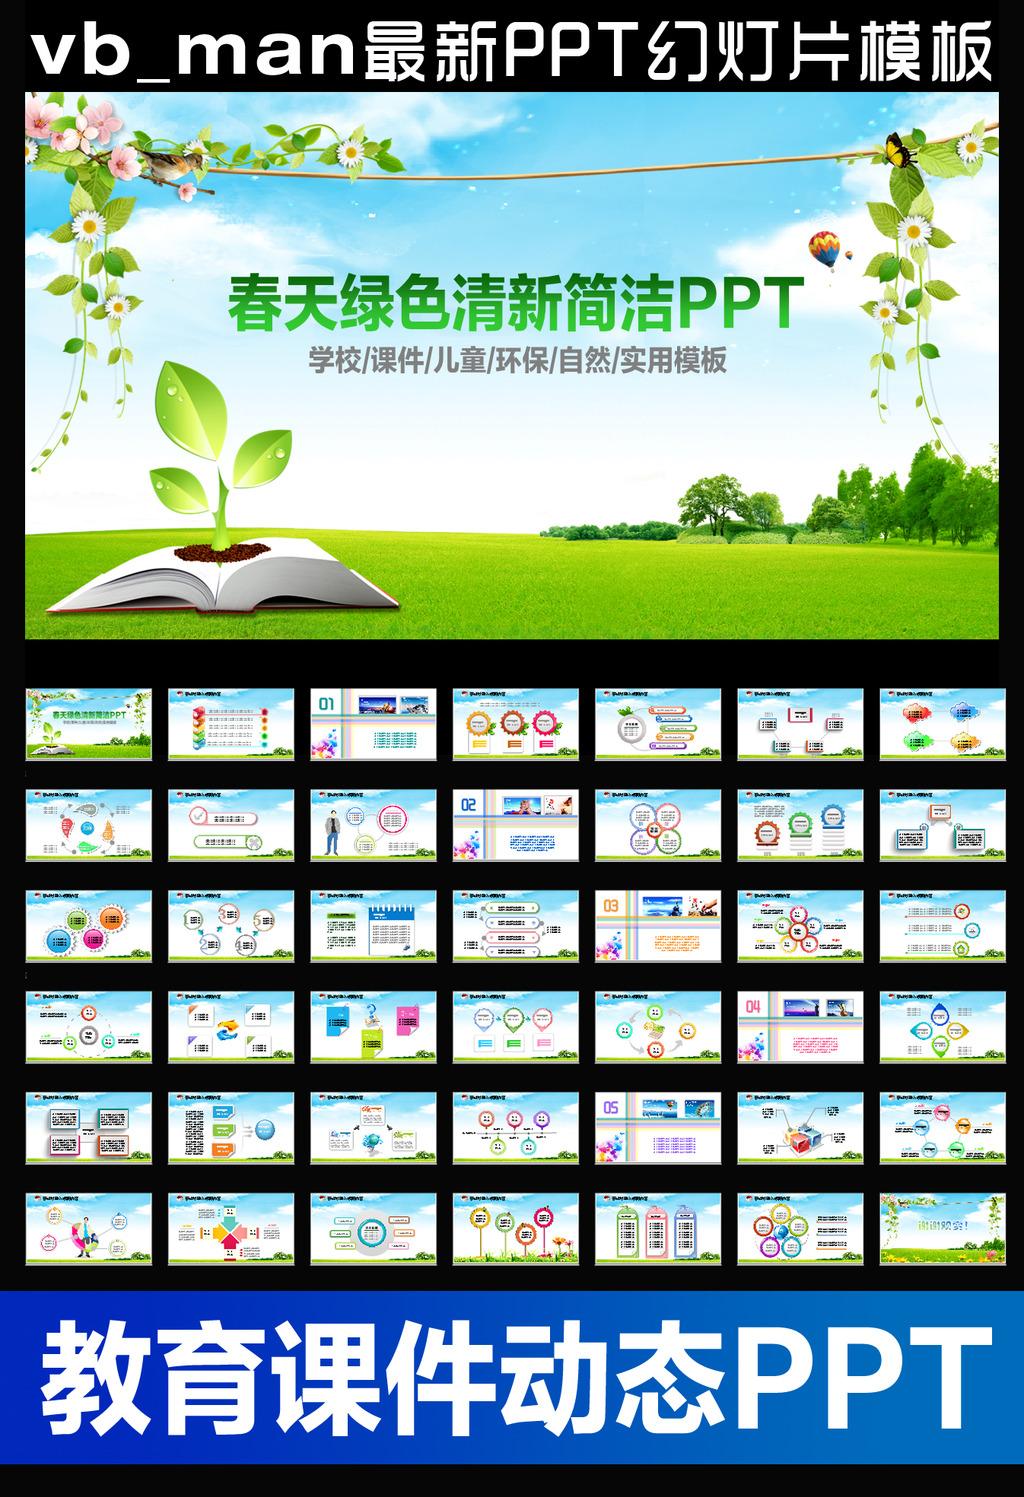 教育教学培训讲座课件动态ppt模板